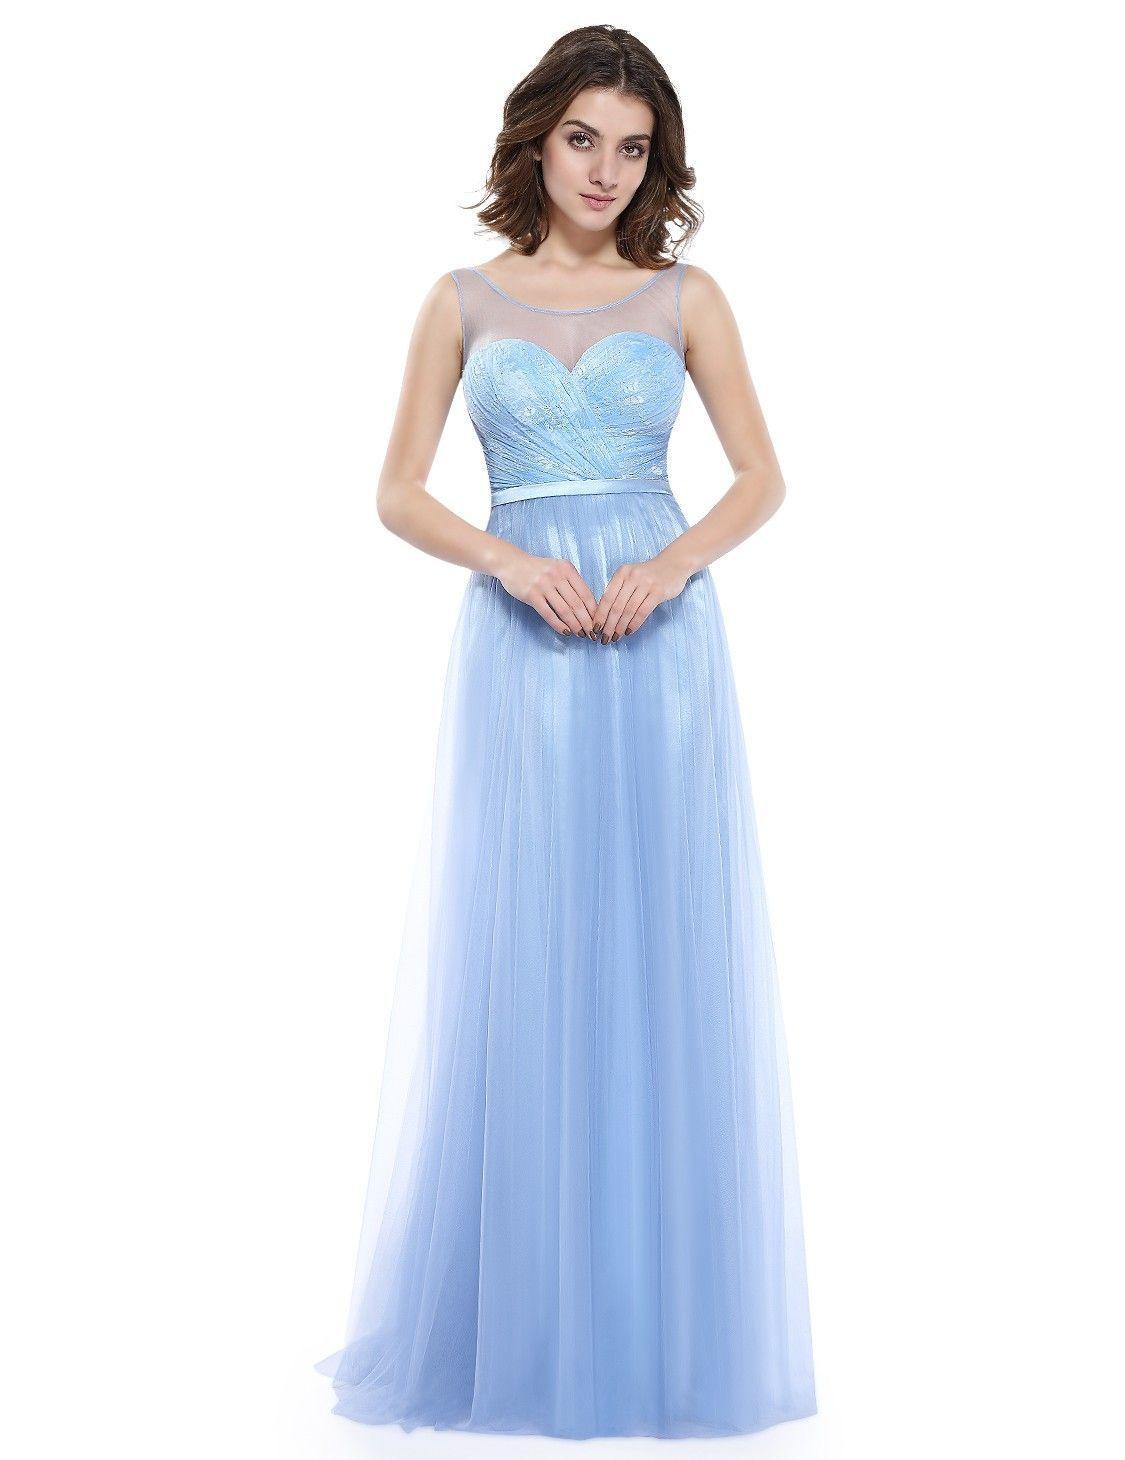 Cool Abendkleid Hellblau GalerieDesigner Top Abendkleid Hellblau für 2019